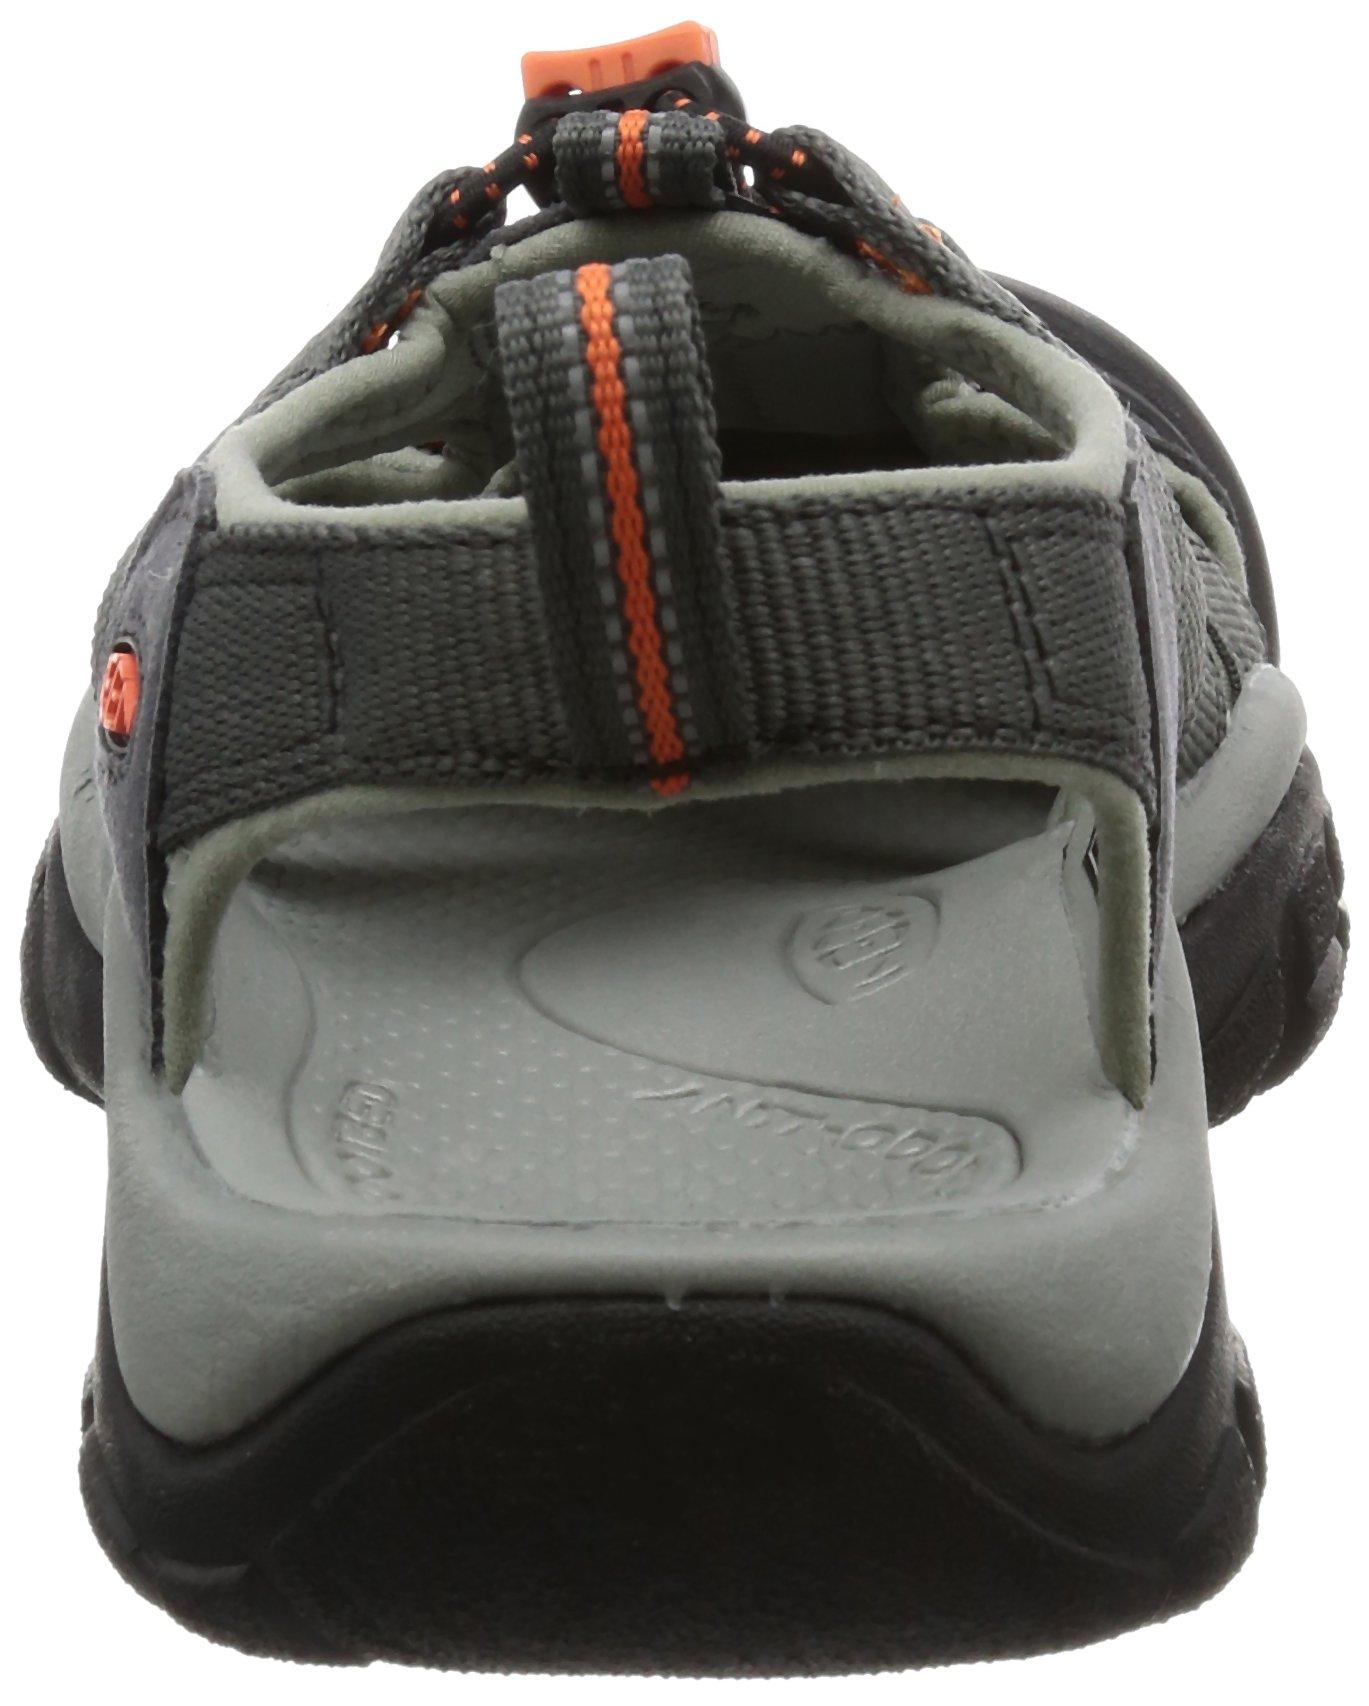 KEEN Men's Newport H2 Hiking Shoe, Magnet/Nasturtium, 15 M US by Keen (Image #2)